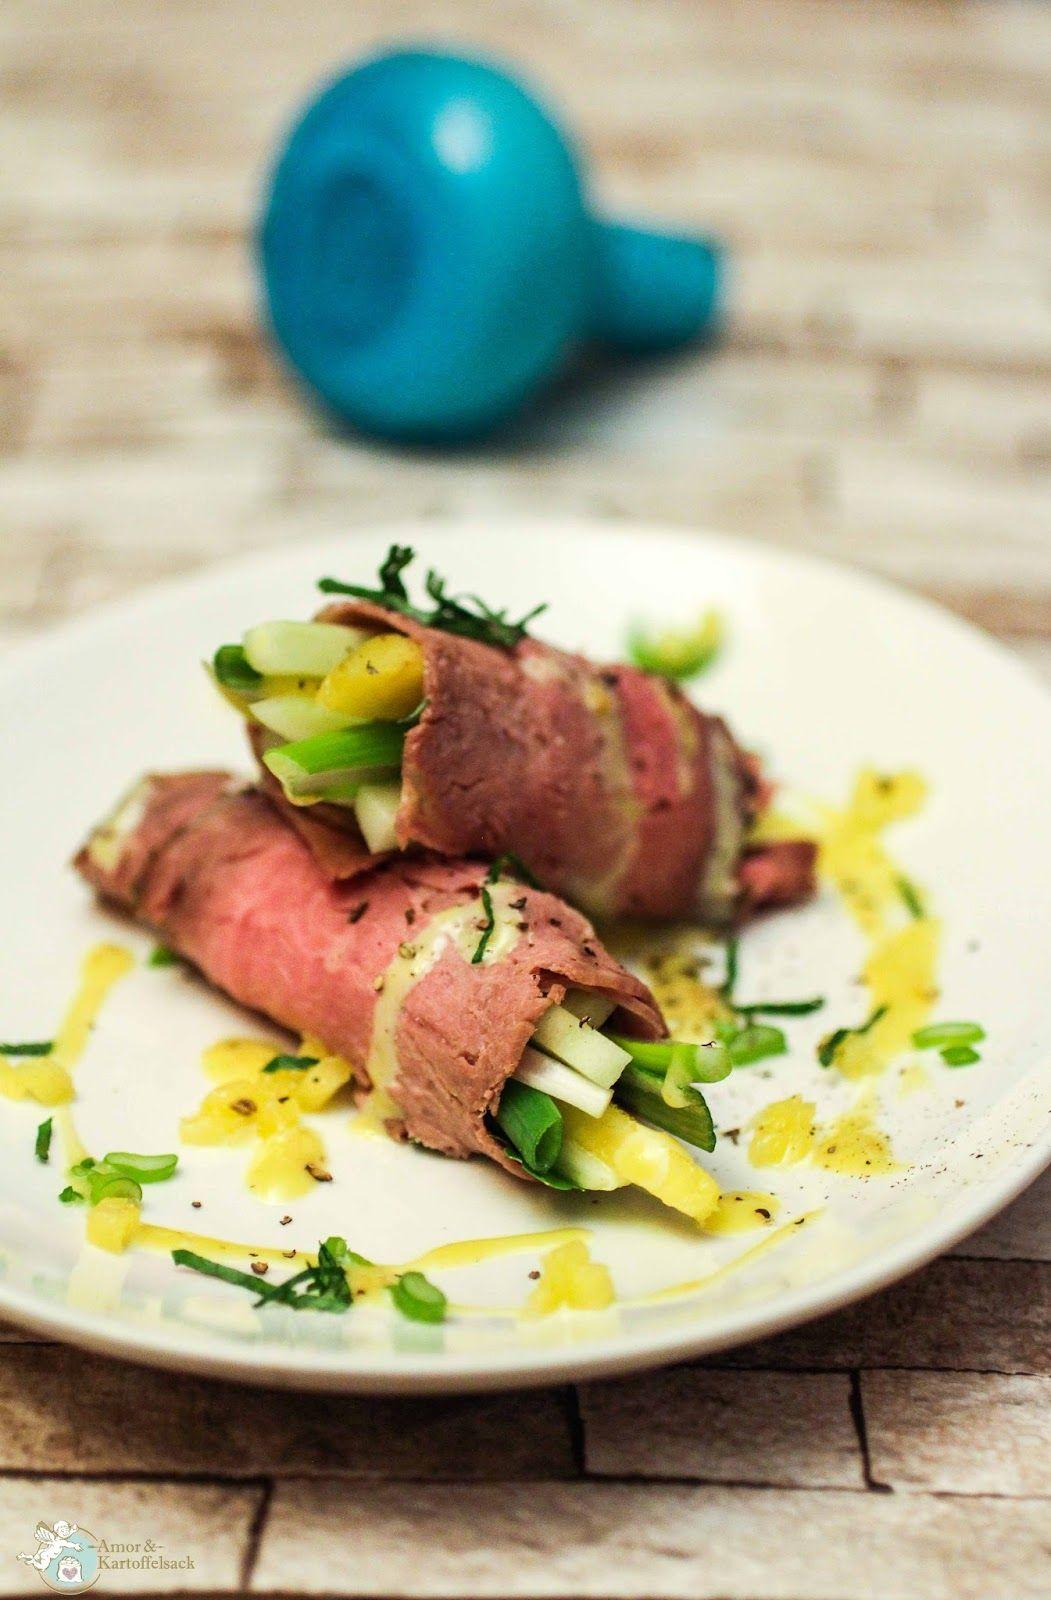 schnelle Vorspeise mit Roastbeef, Mango und Rindfleisch, Rezept mit Roastbeefröllchen, schnelle Honig-Senf-Majo